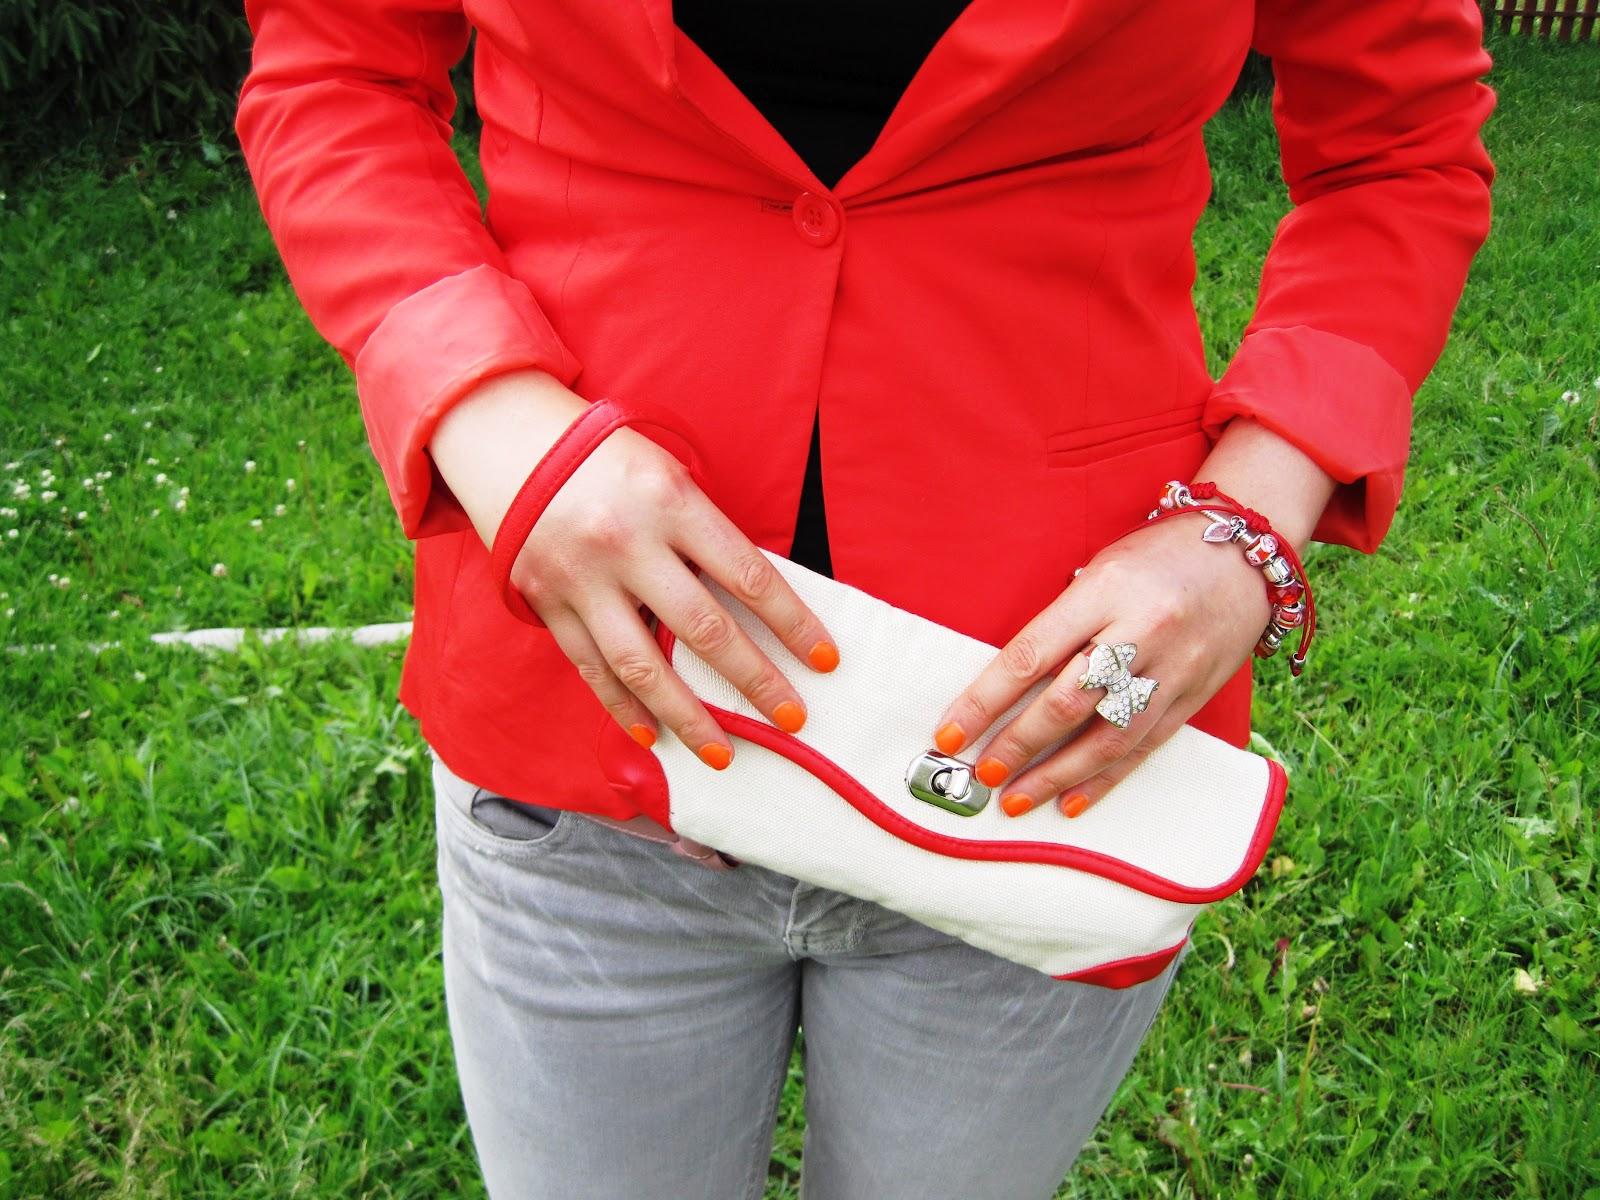 527e7f46be2b1 Czerwona marynarka w roli głównej - stylizacja - strój do pracy ...